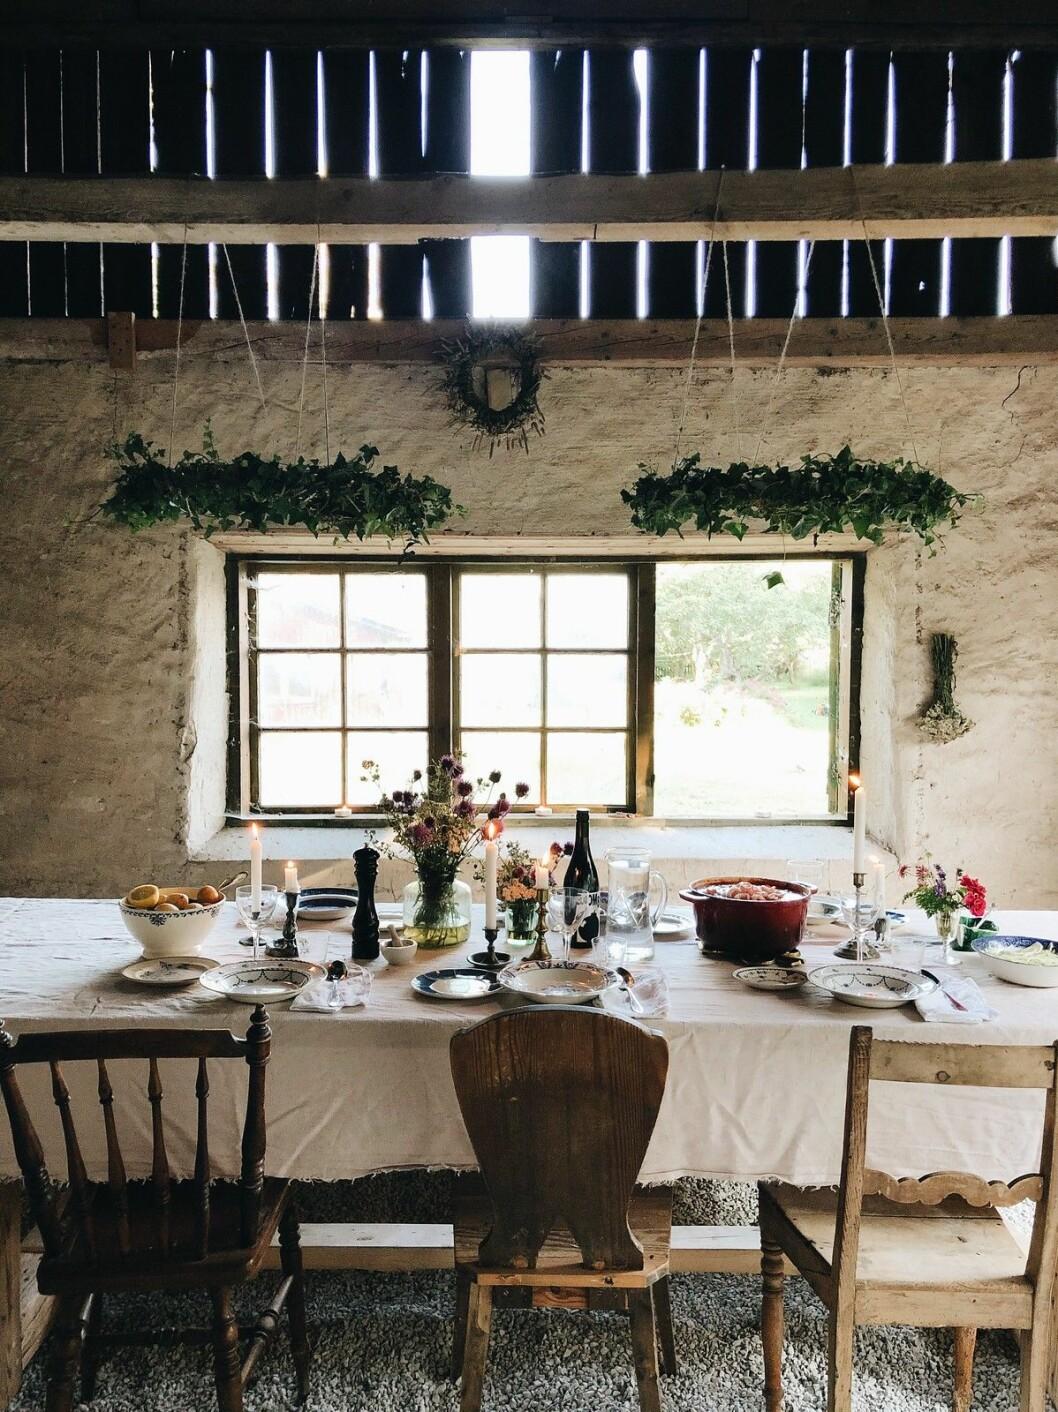 Duka långbordet med linneduk, nyplockade blommor och sommarkvällens middag. Vi hämtar inspiration från ELLEs bloggare Elsa Billgren som är en mästare på att få till drömlik känsla i hennes Gotlandslada.